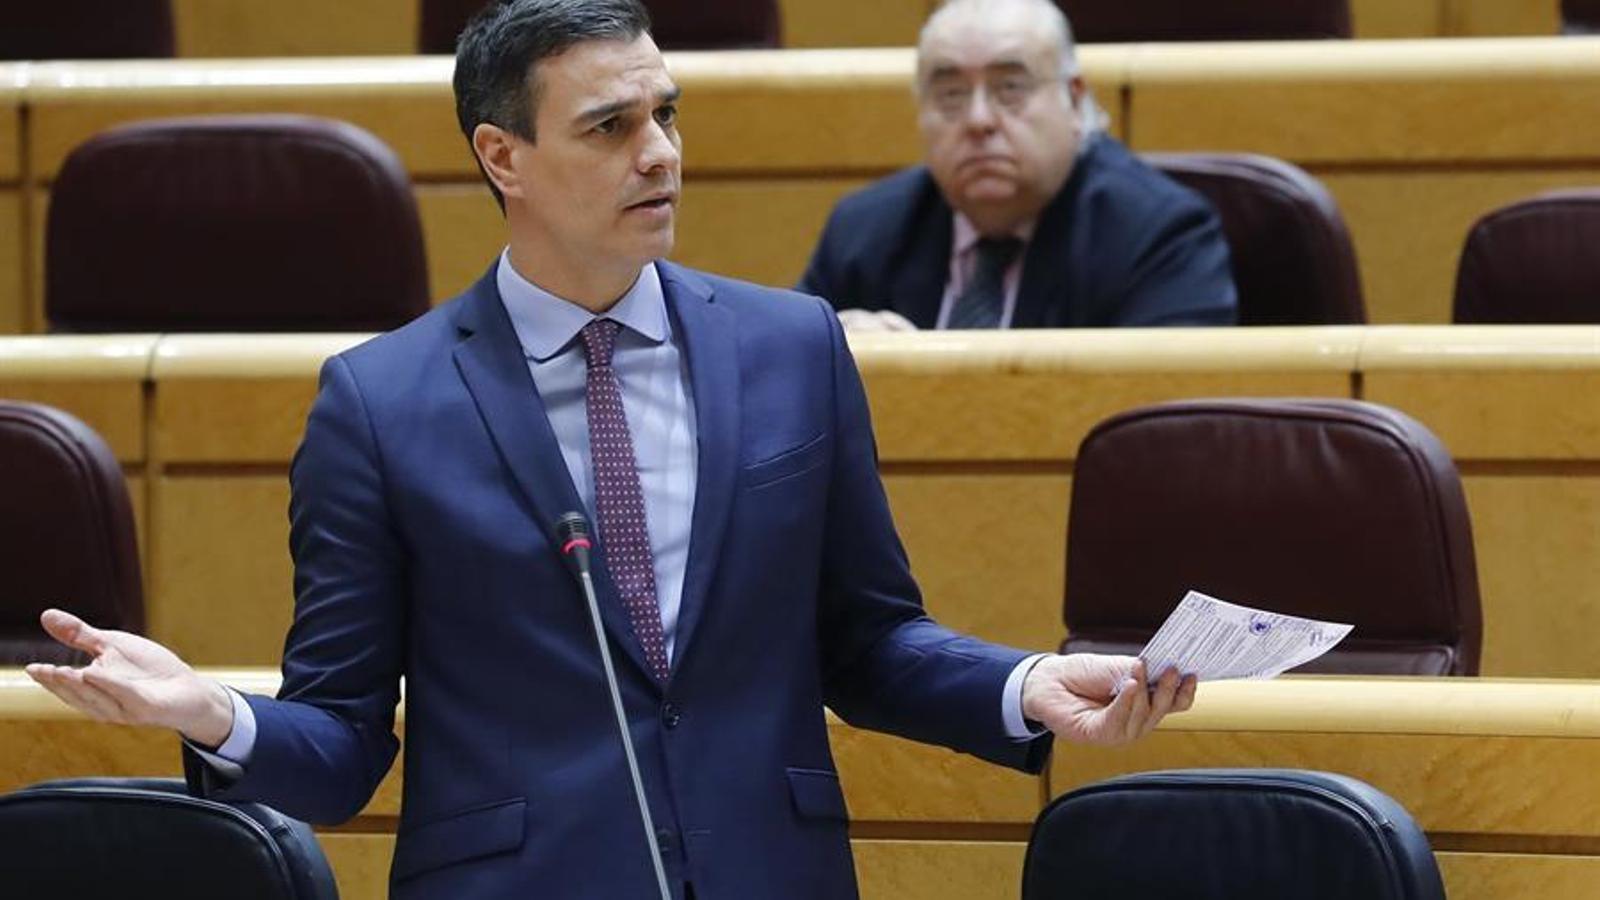 Sánchez pacta amb Cs el seu suport a la pròrroga de l'estat d'alarma